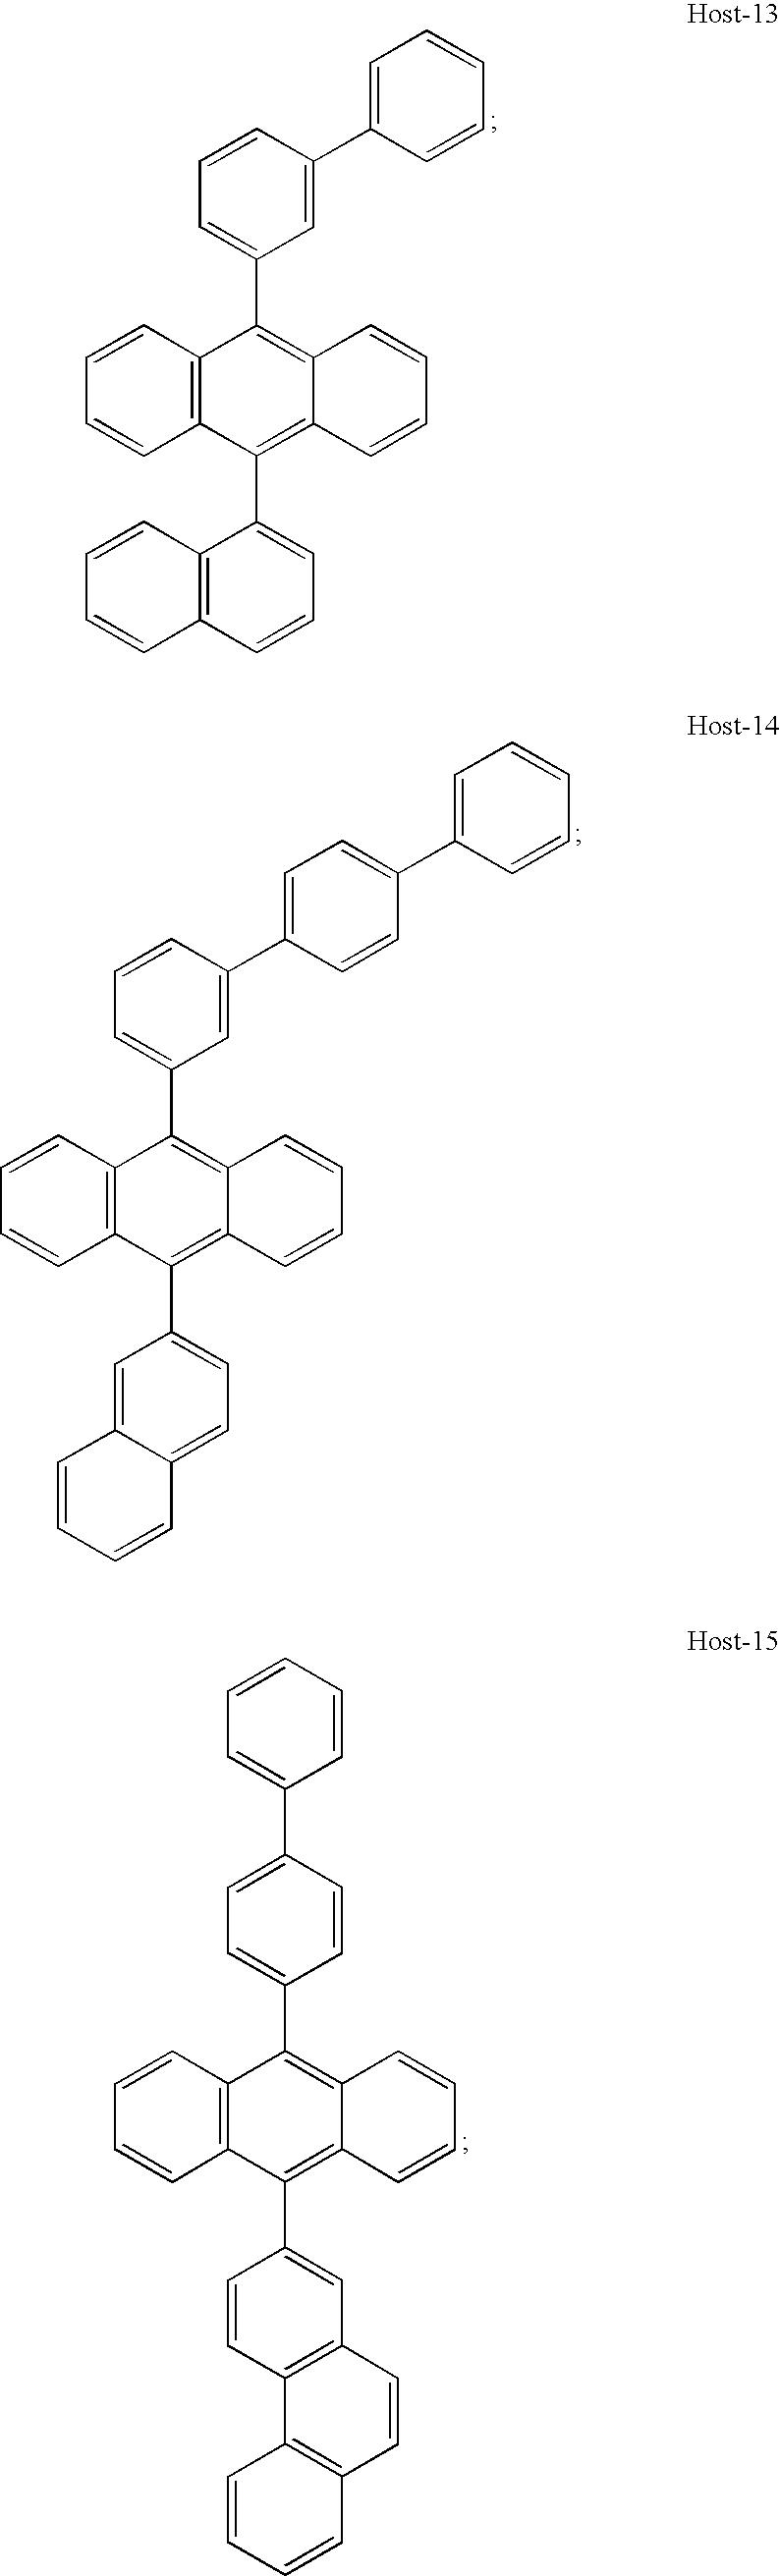 Figure US20060105198A1-20060518-C00008